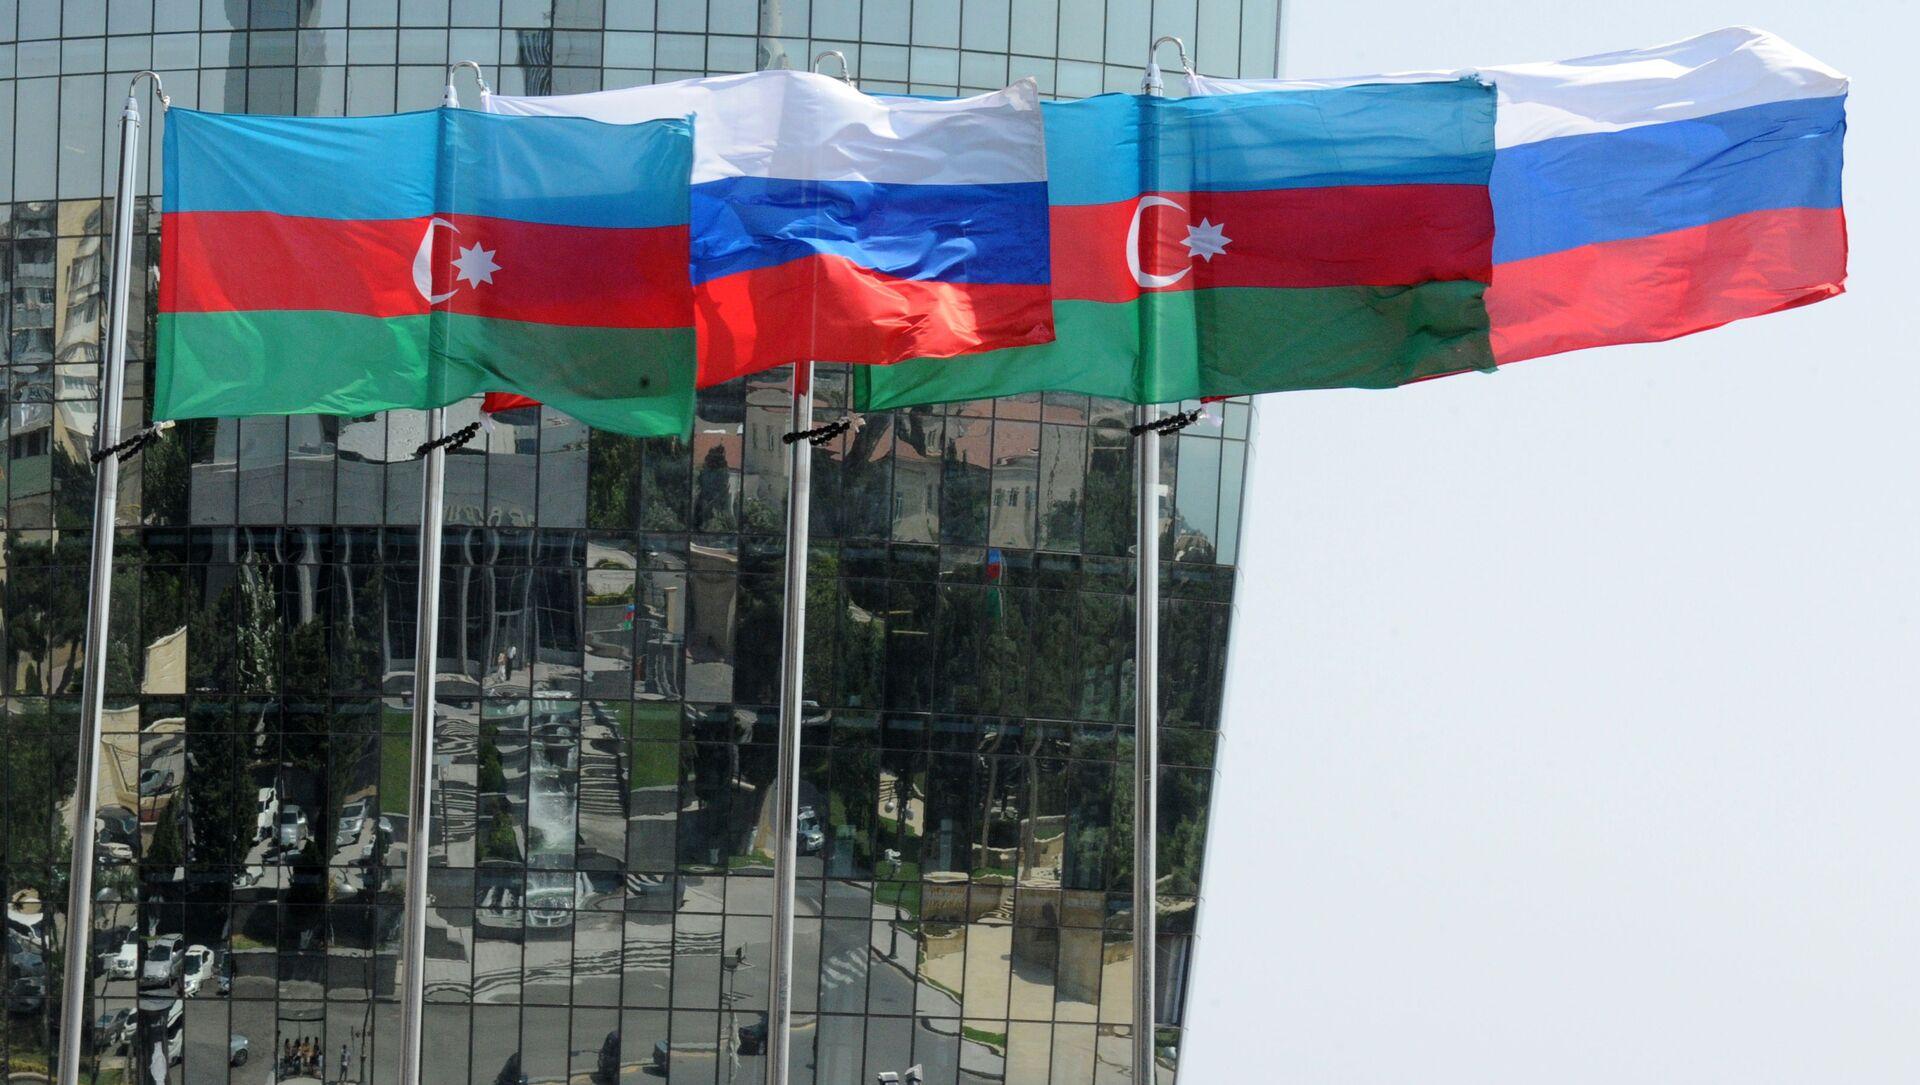 Национальные флаги России и Азербайджана на фоне фасада одной из башен Башни Пламени (Flame Towers) в Баку - Sputnik Азербайджан, 1920, 12.07.2021